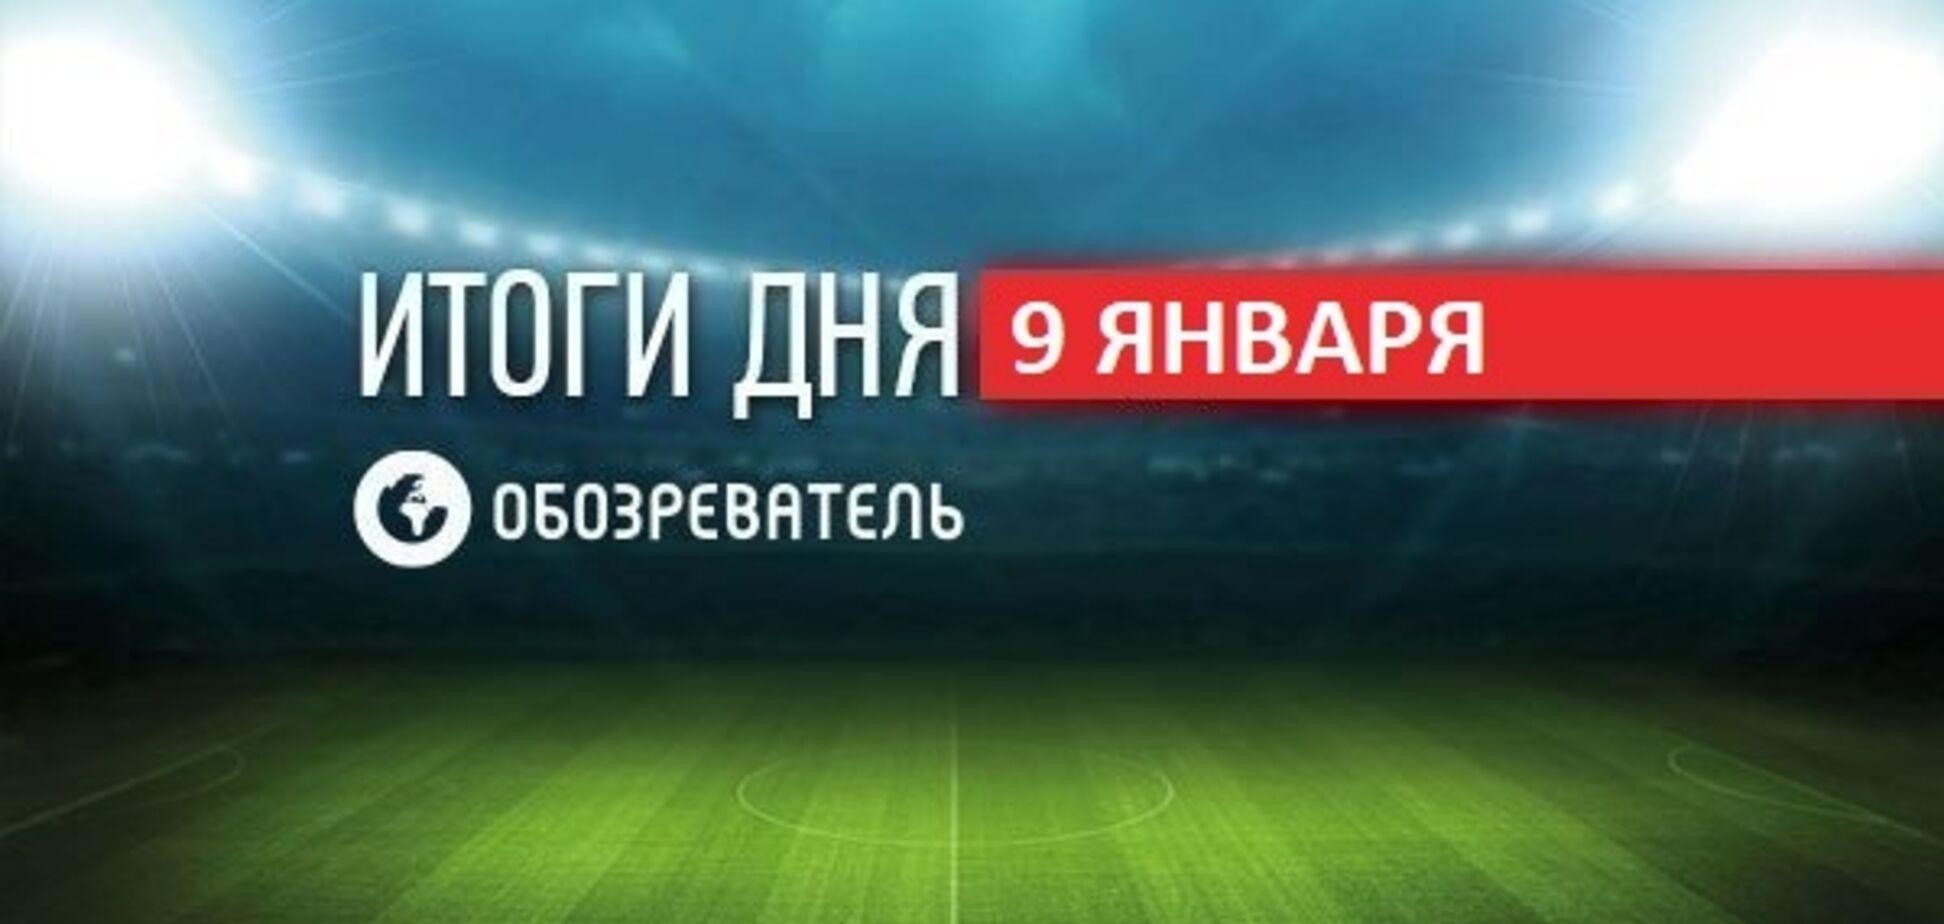 Ломаченко спровоцировал дикий скандал из-за видео с 'вежливыми людьми': спортивные итоги 9 января